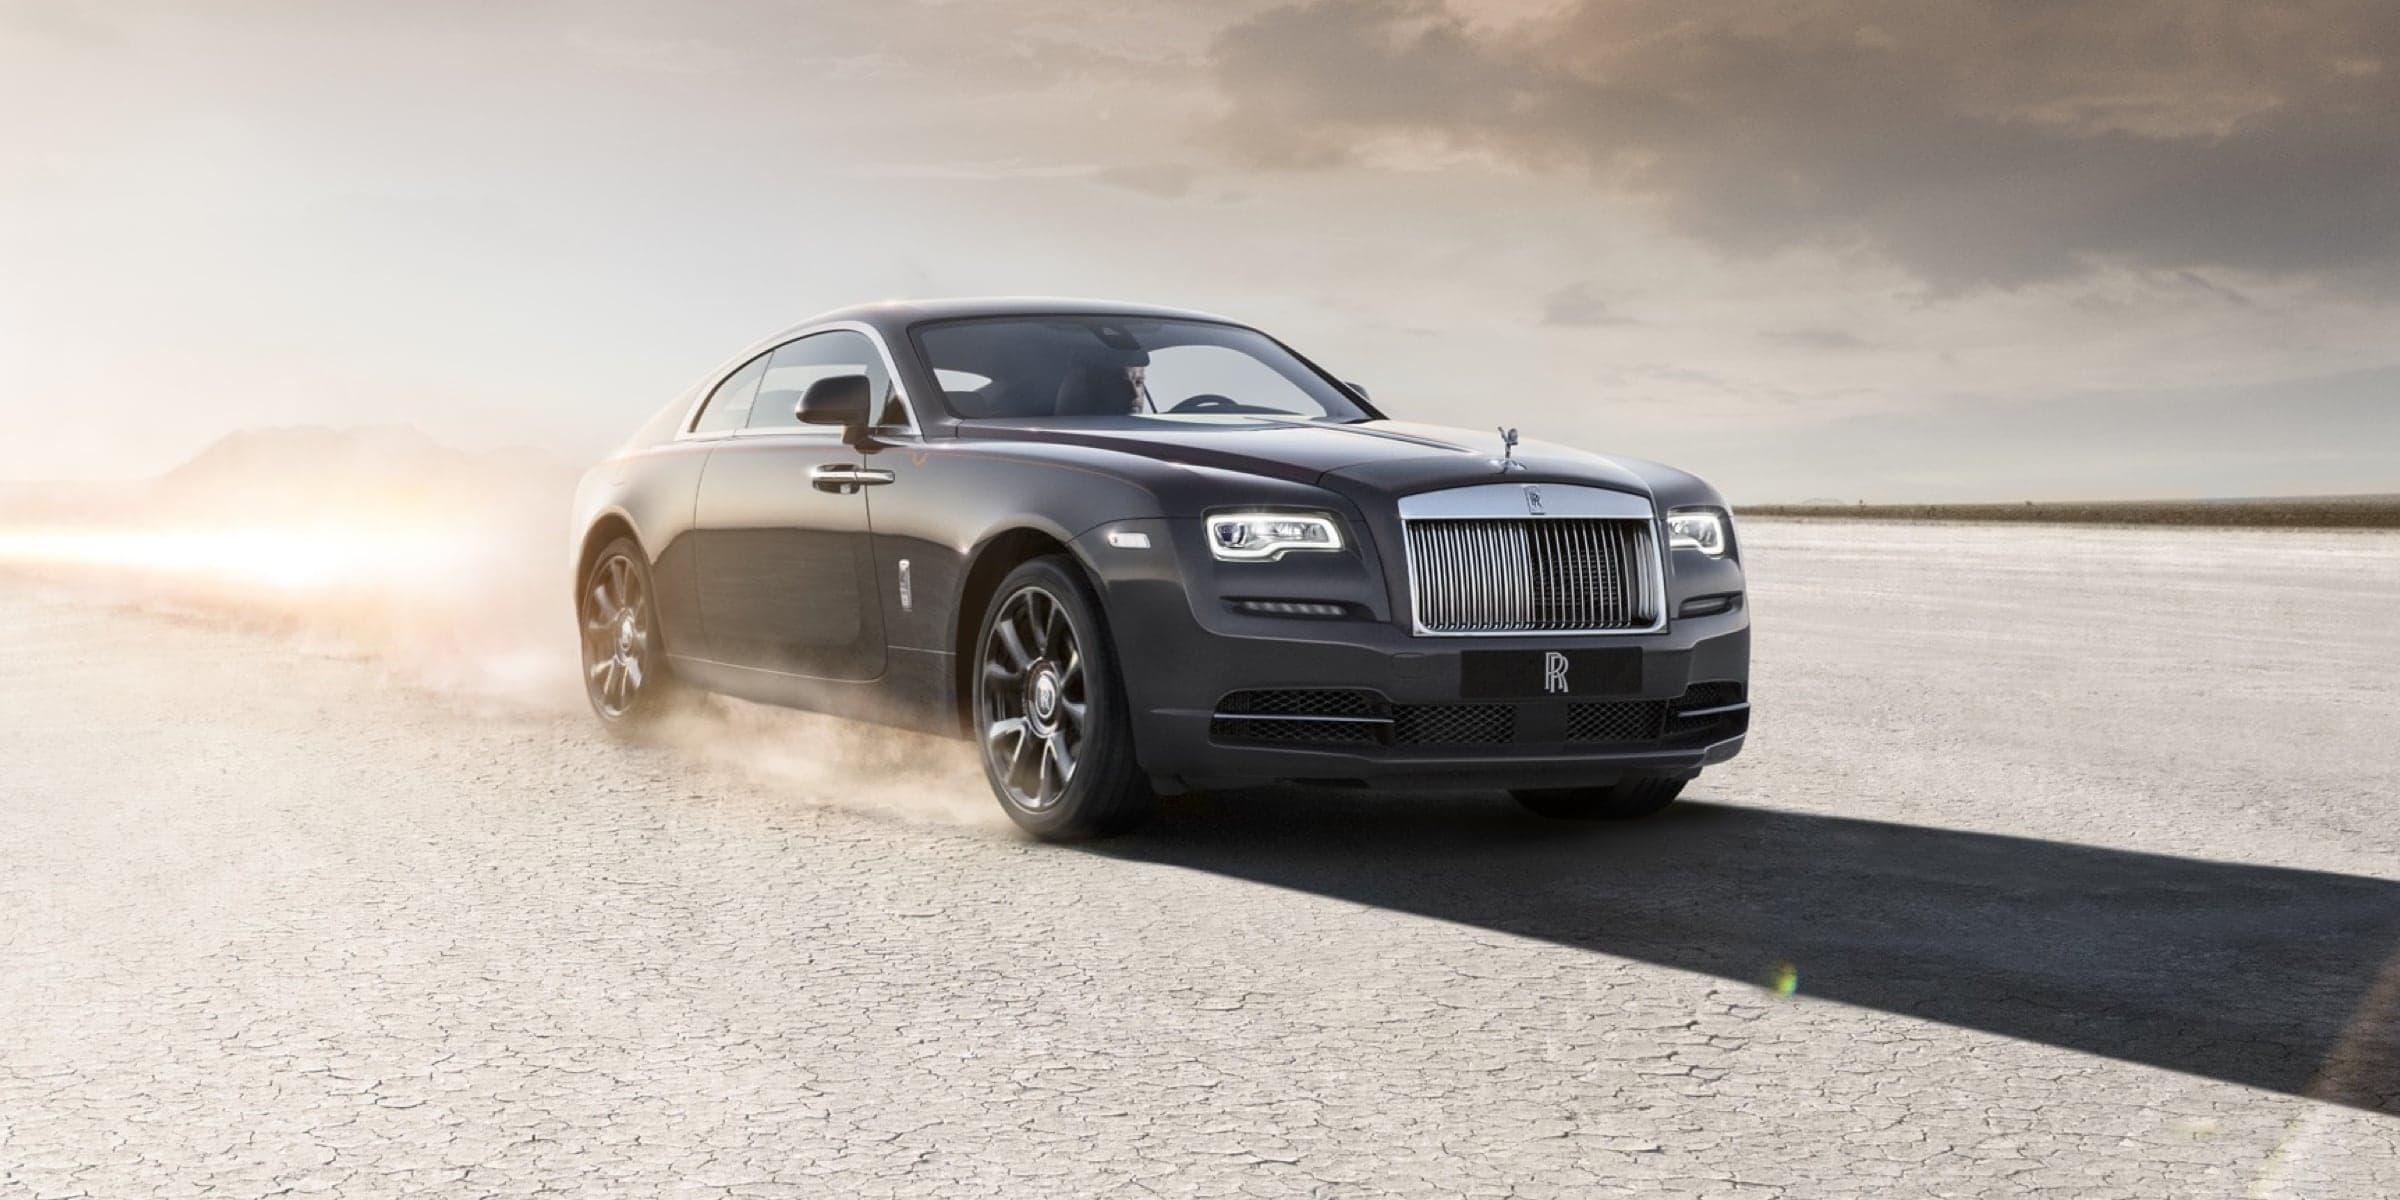 The Wraith Car >> Wraith